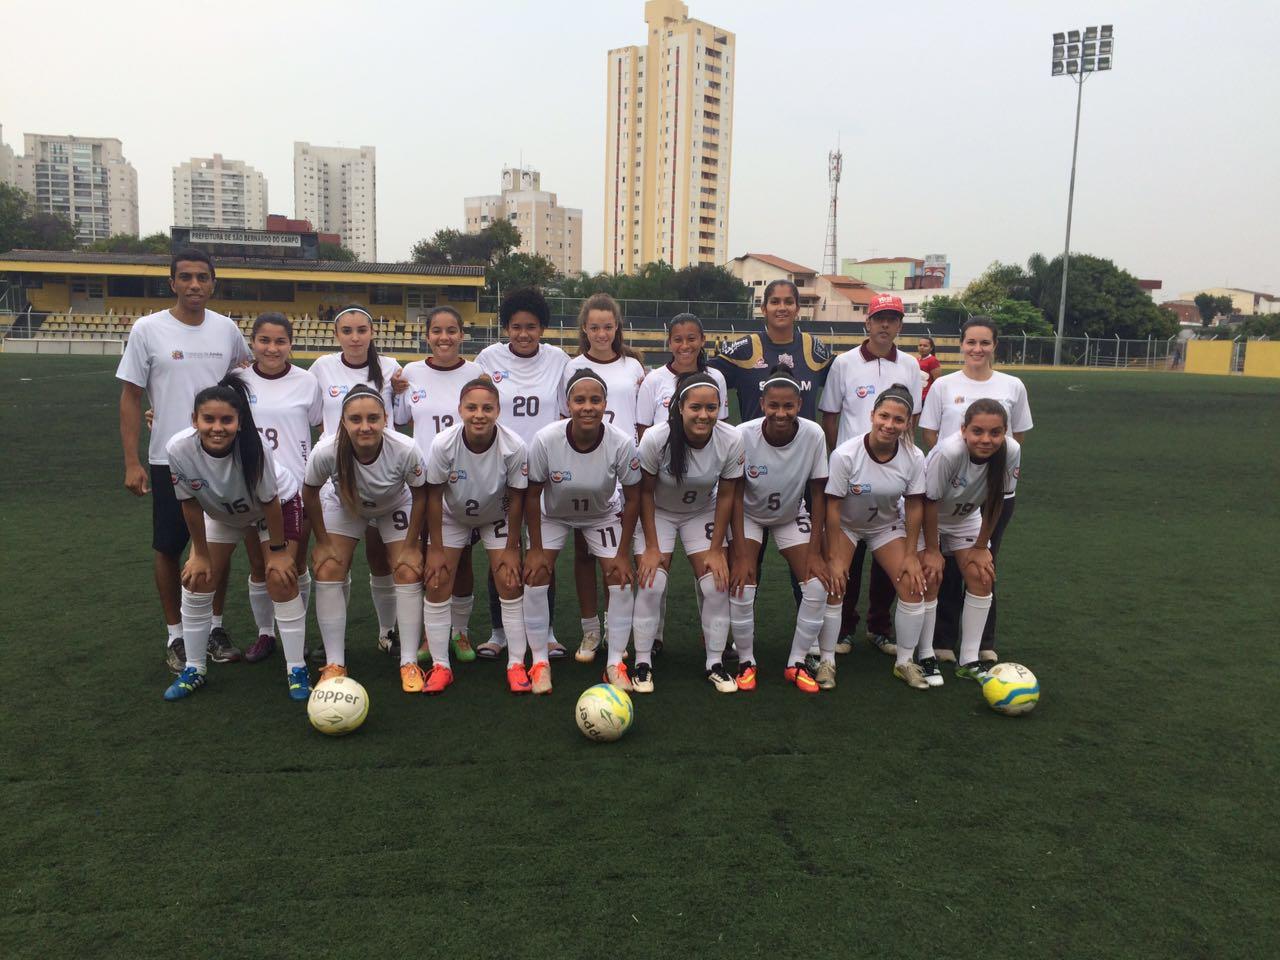 Equipe feminina de futebol começa com pé direito